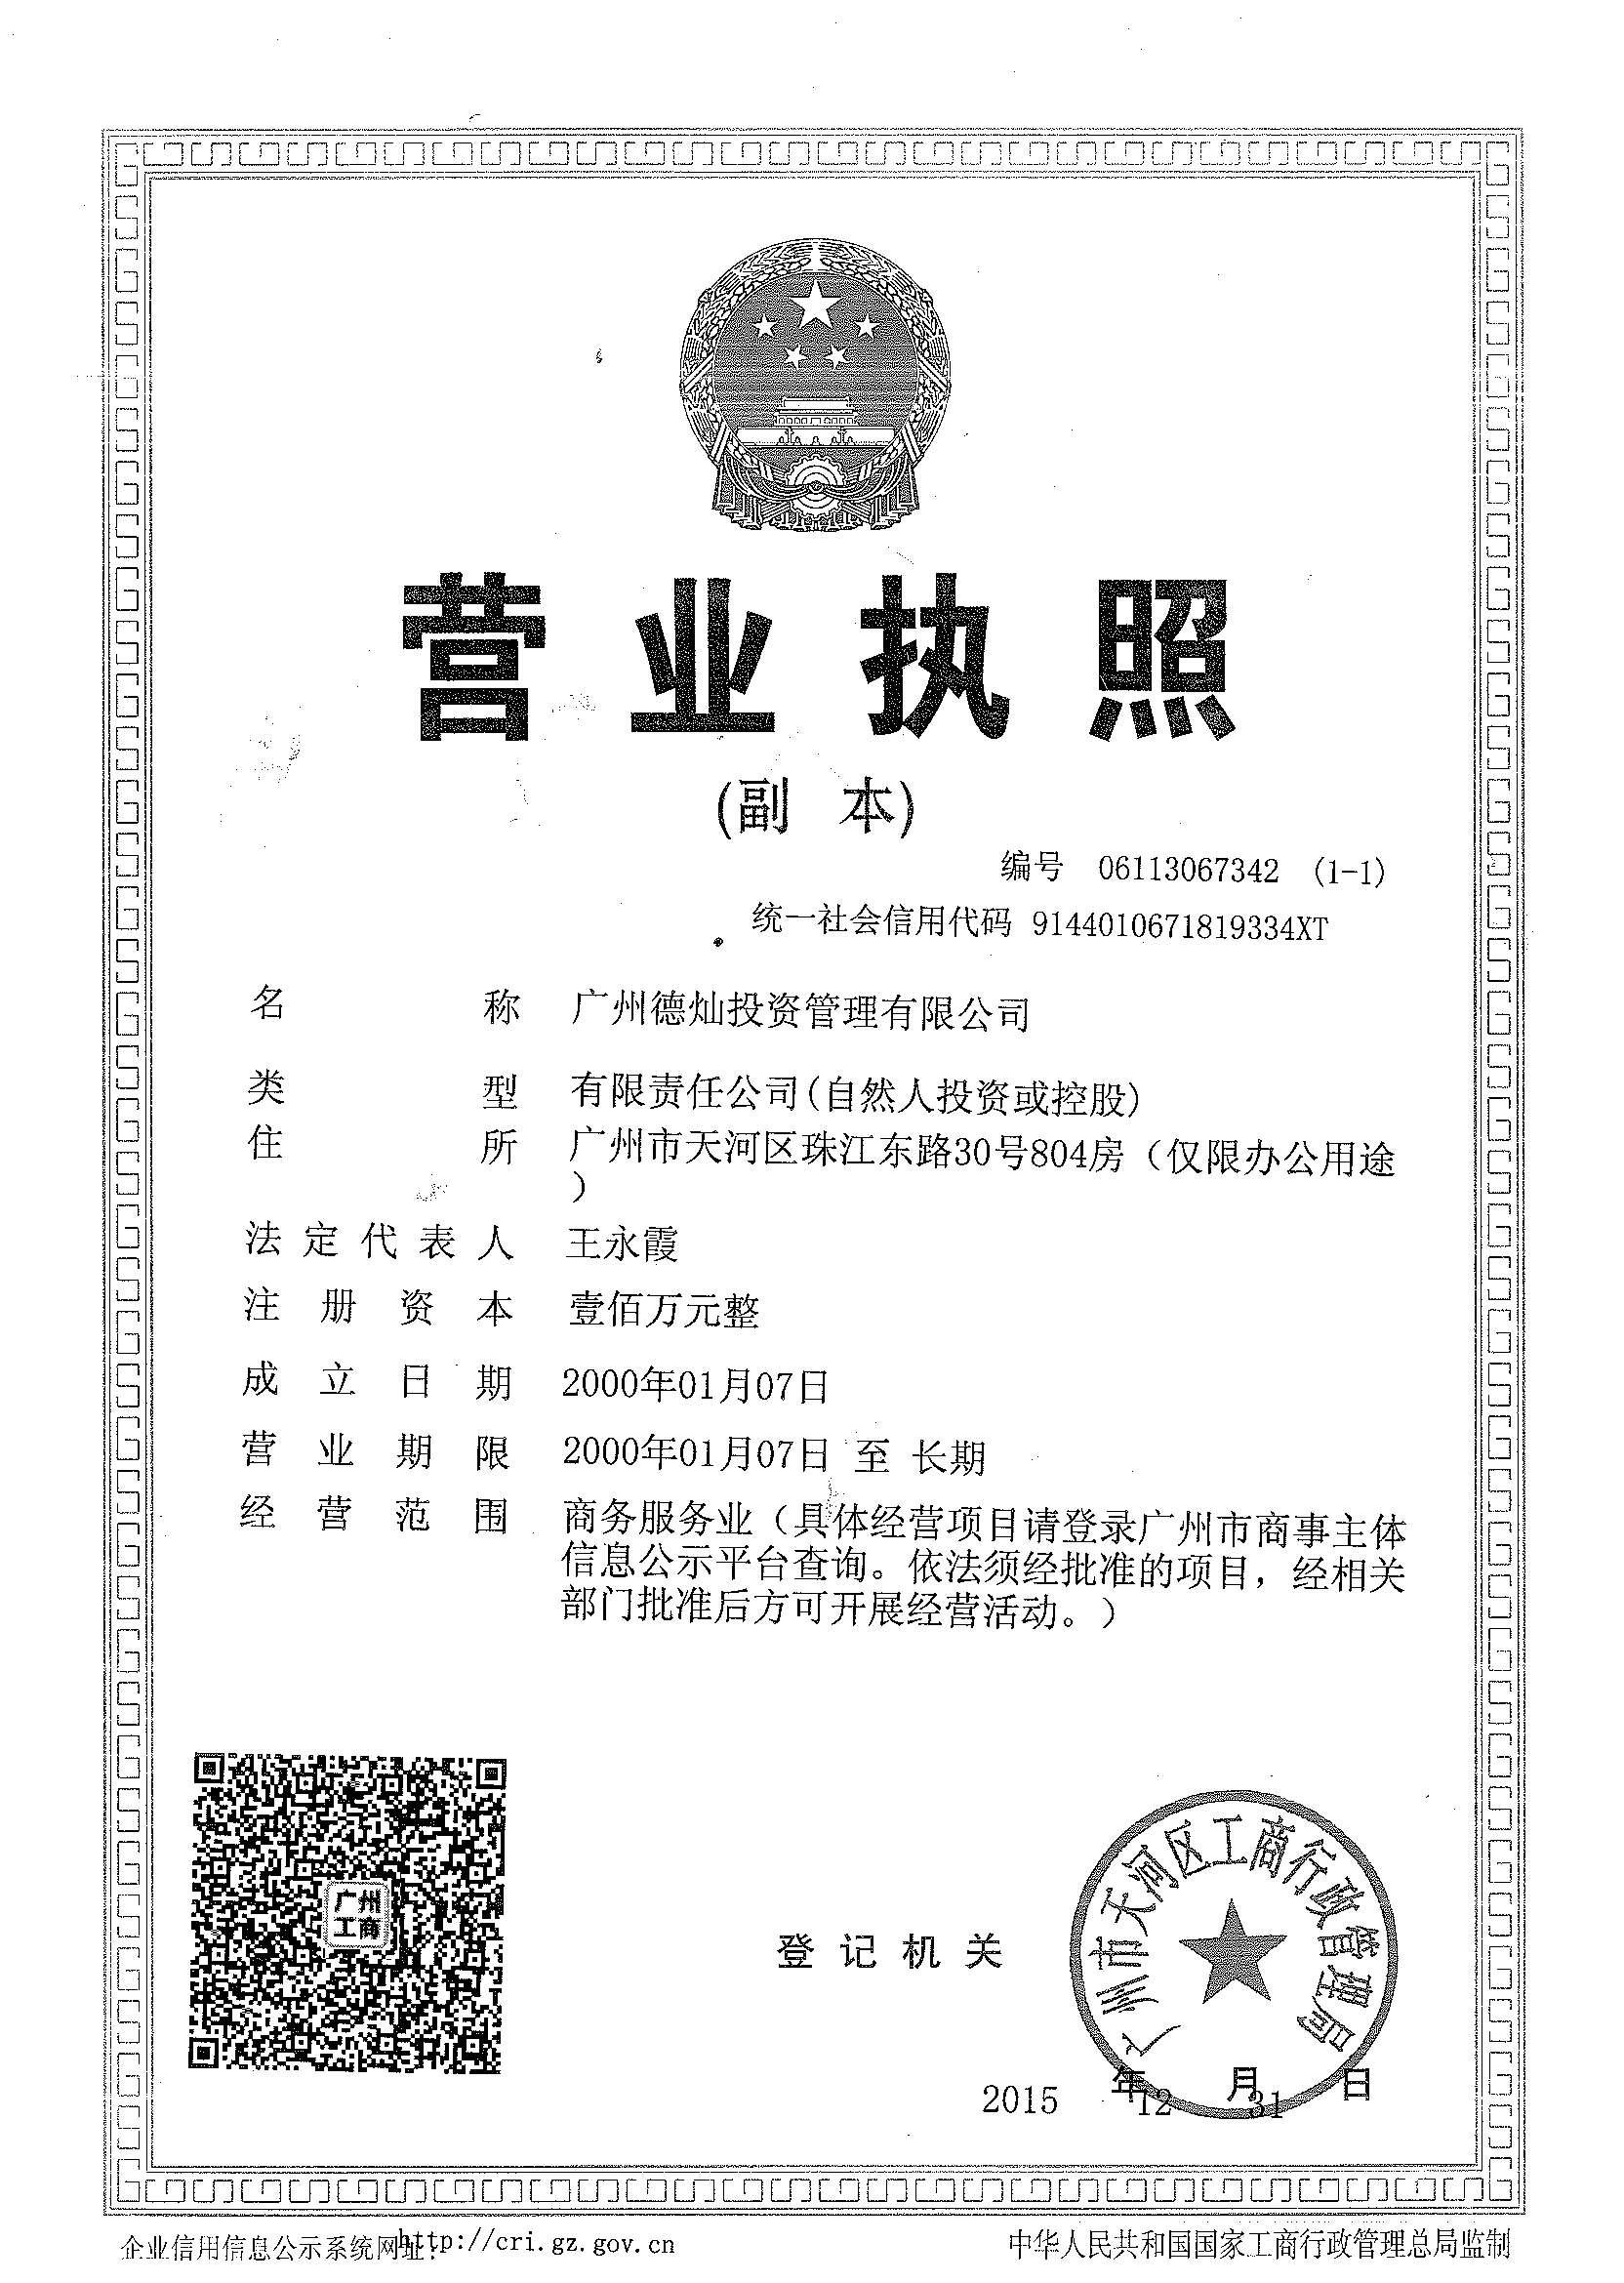 广州德灿投资管理有限公司企业档案